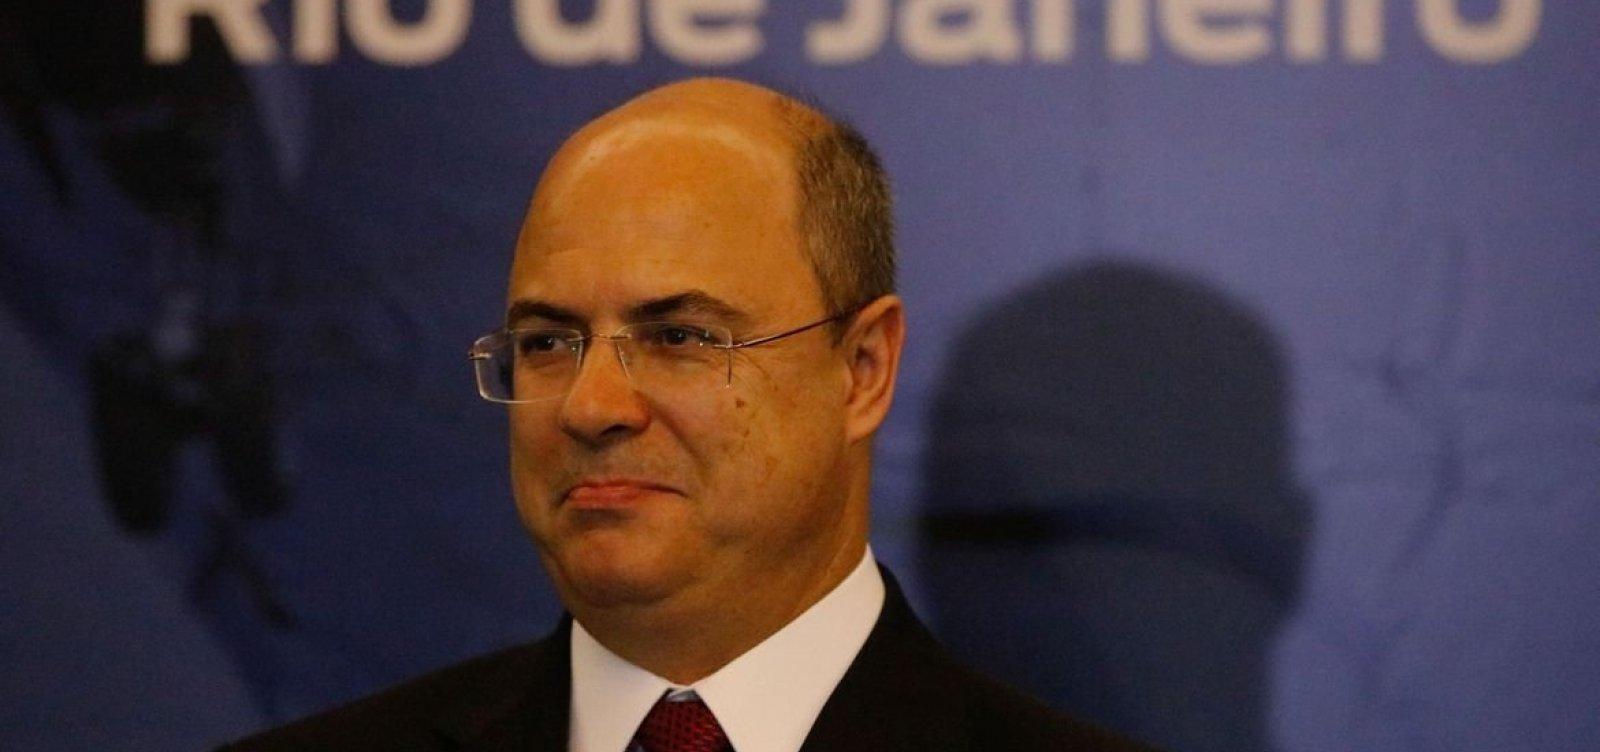 [Toffoli nega pedido da defesa e mantém decisão que afastou Witzel do governo do Rio]